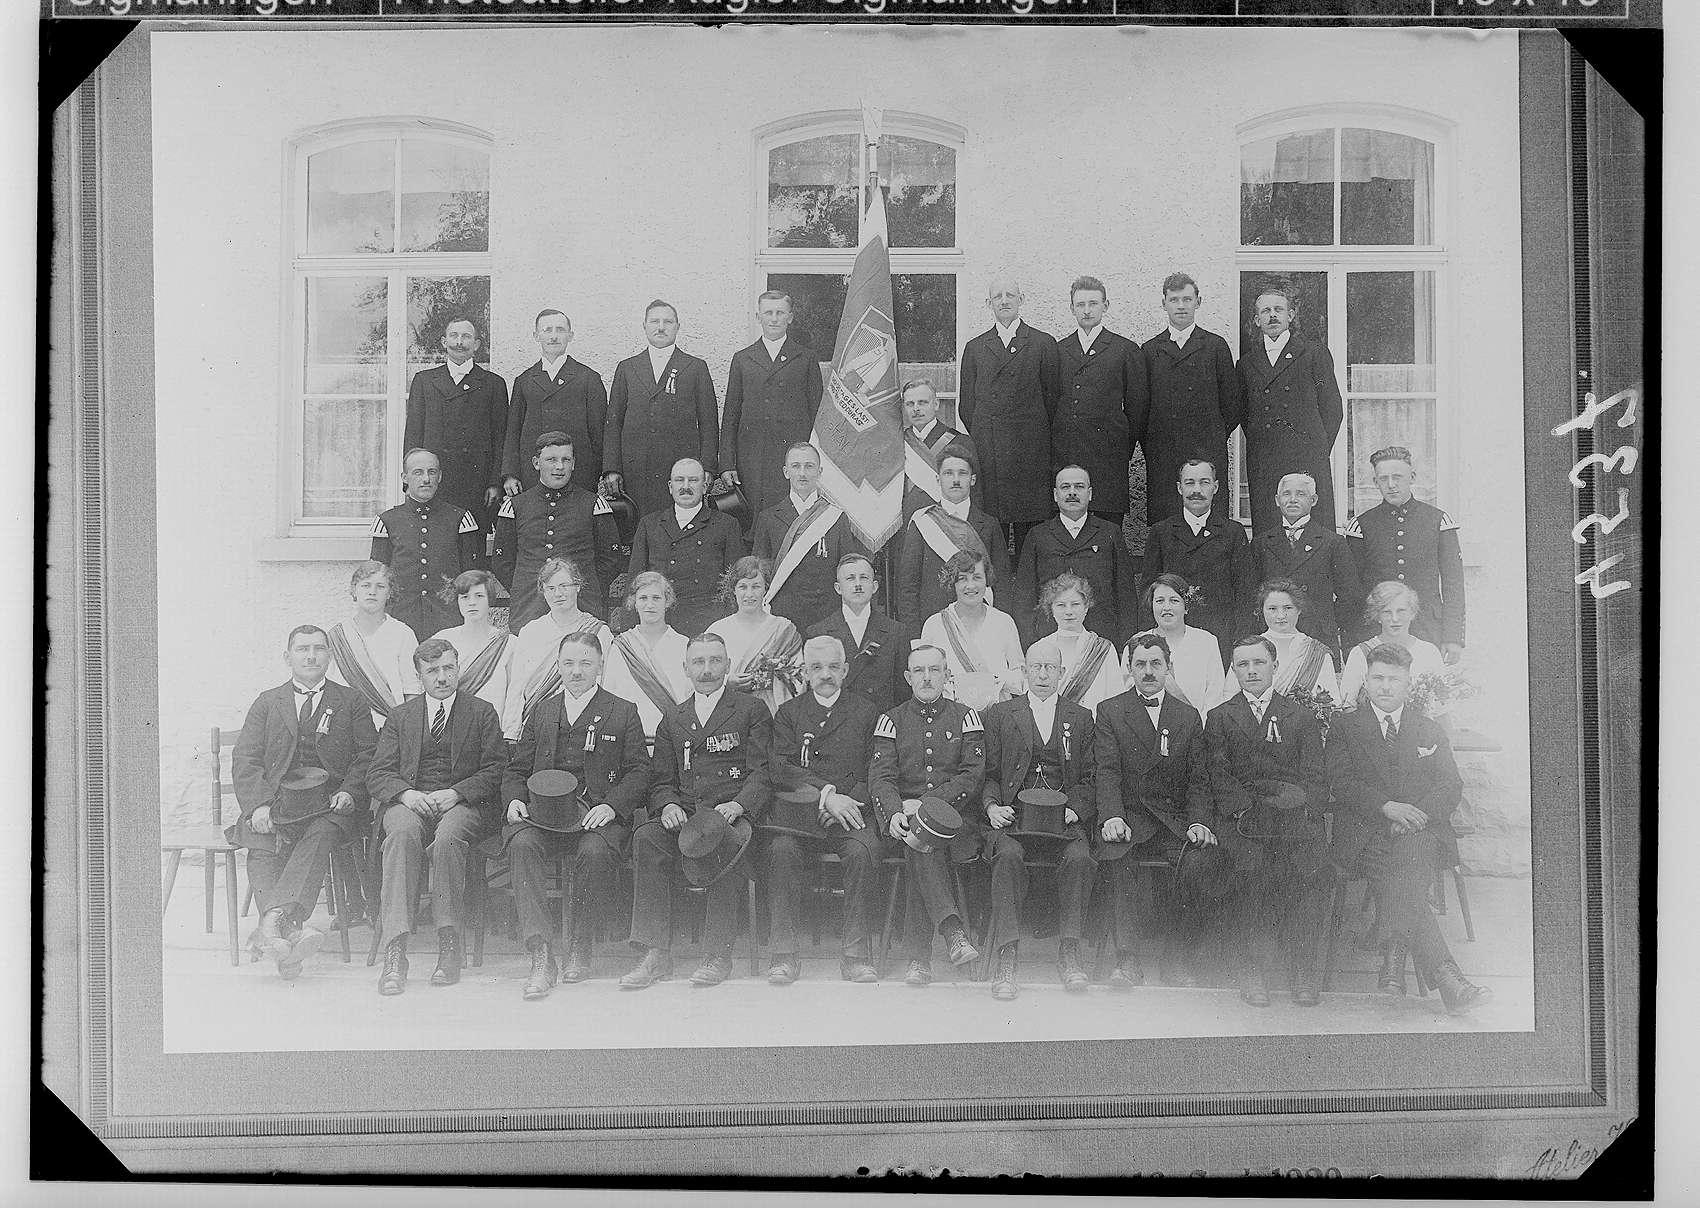 """Fahnenweihe des Männergesangvereins """"Liederkranz Laucherthal"""" am 16. Juni 1929 mit dem Vorsitzenden Richard Haas und Dirigent Johann Hinger (1. Reihe, 3. von links), Bild 1"""